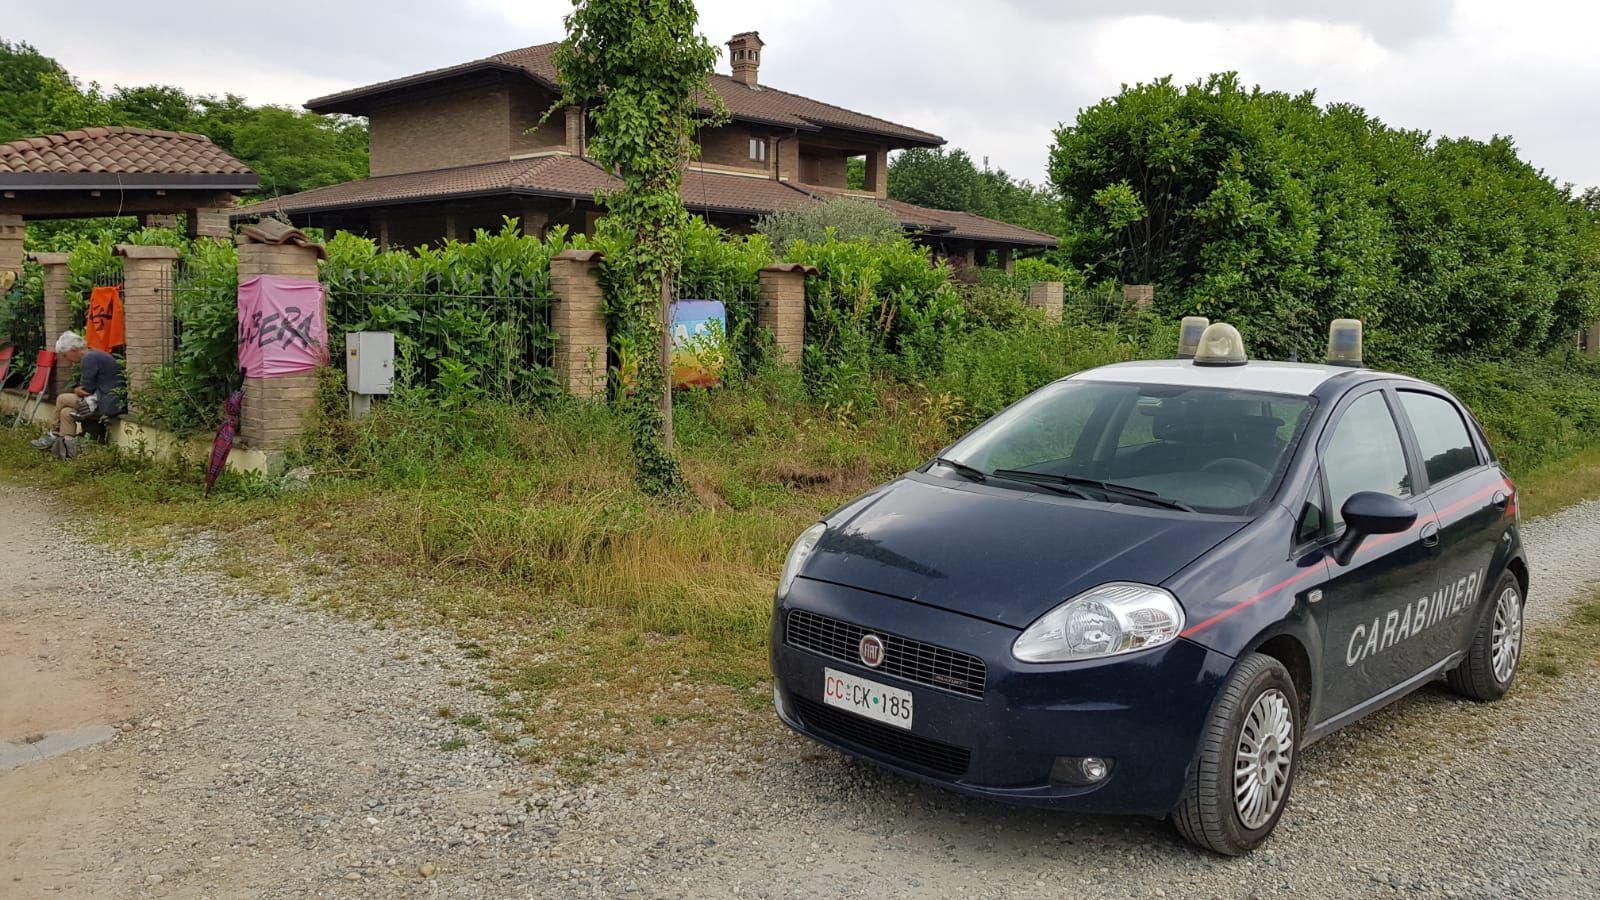 SAN GIUSTO - Bando per la villa del narcotrafficante Assisi: sarà affidata gratis per sei anni